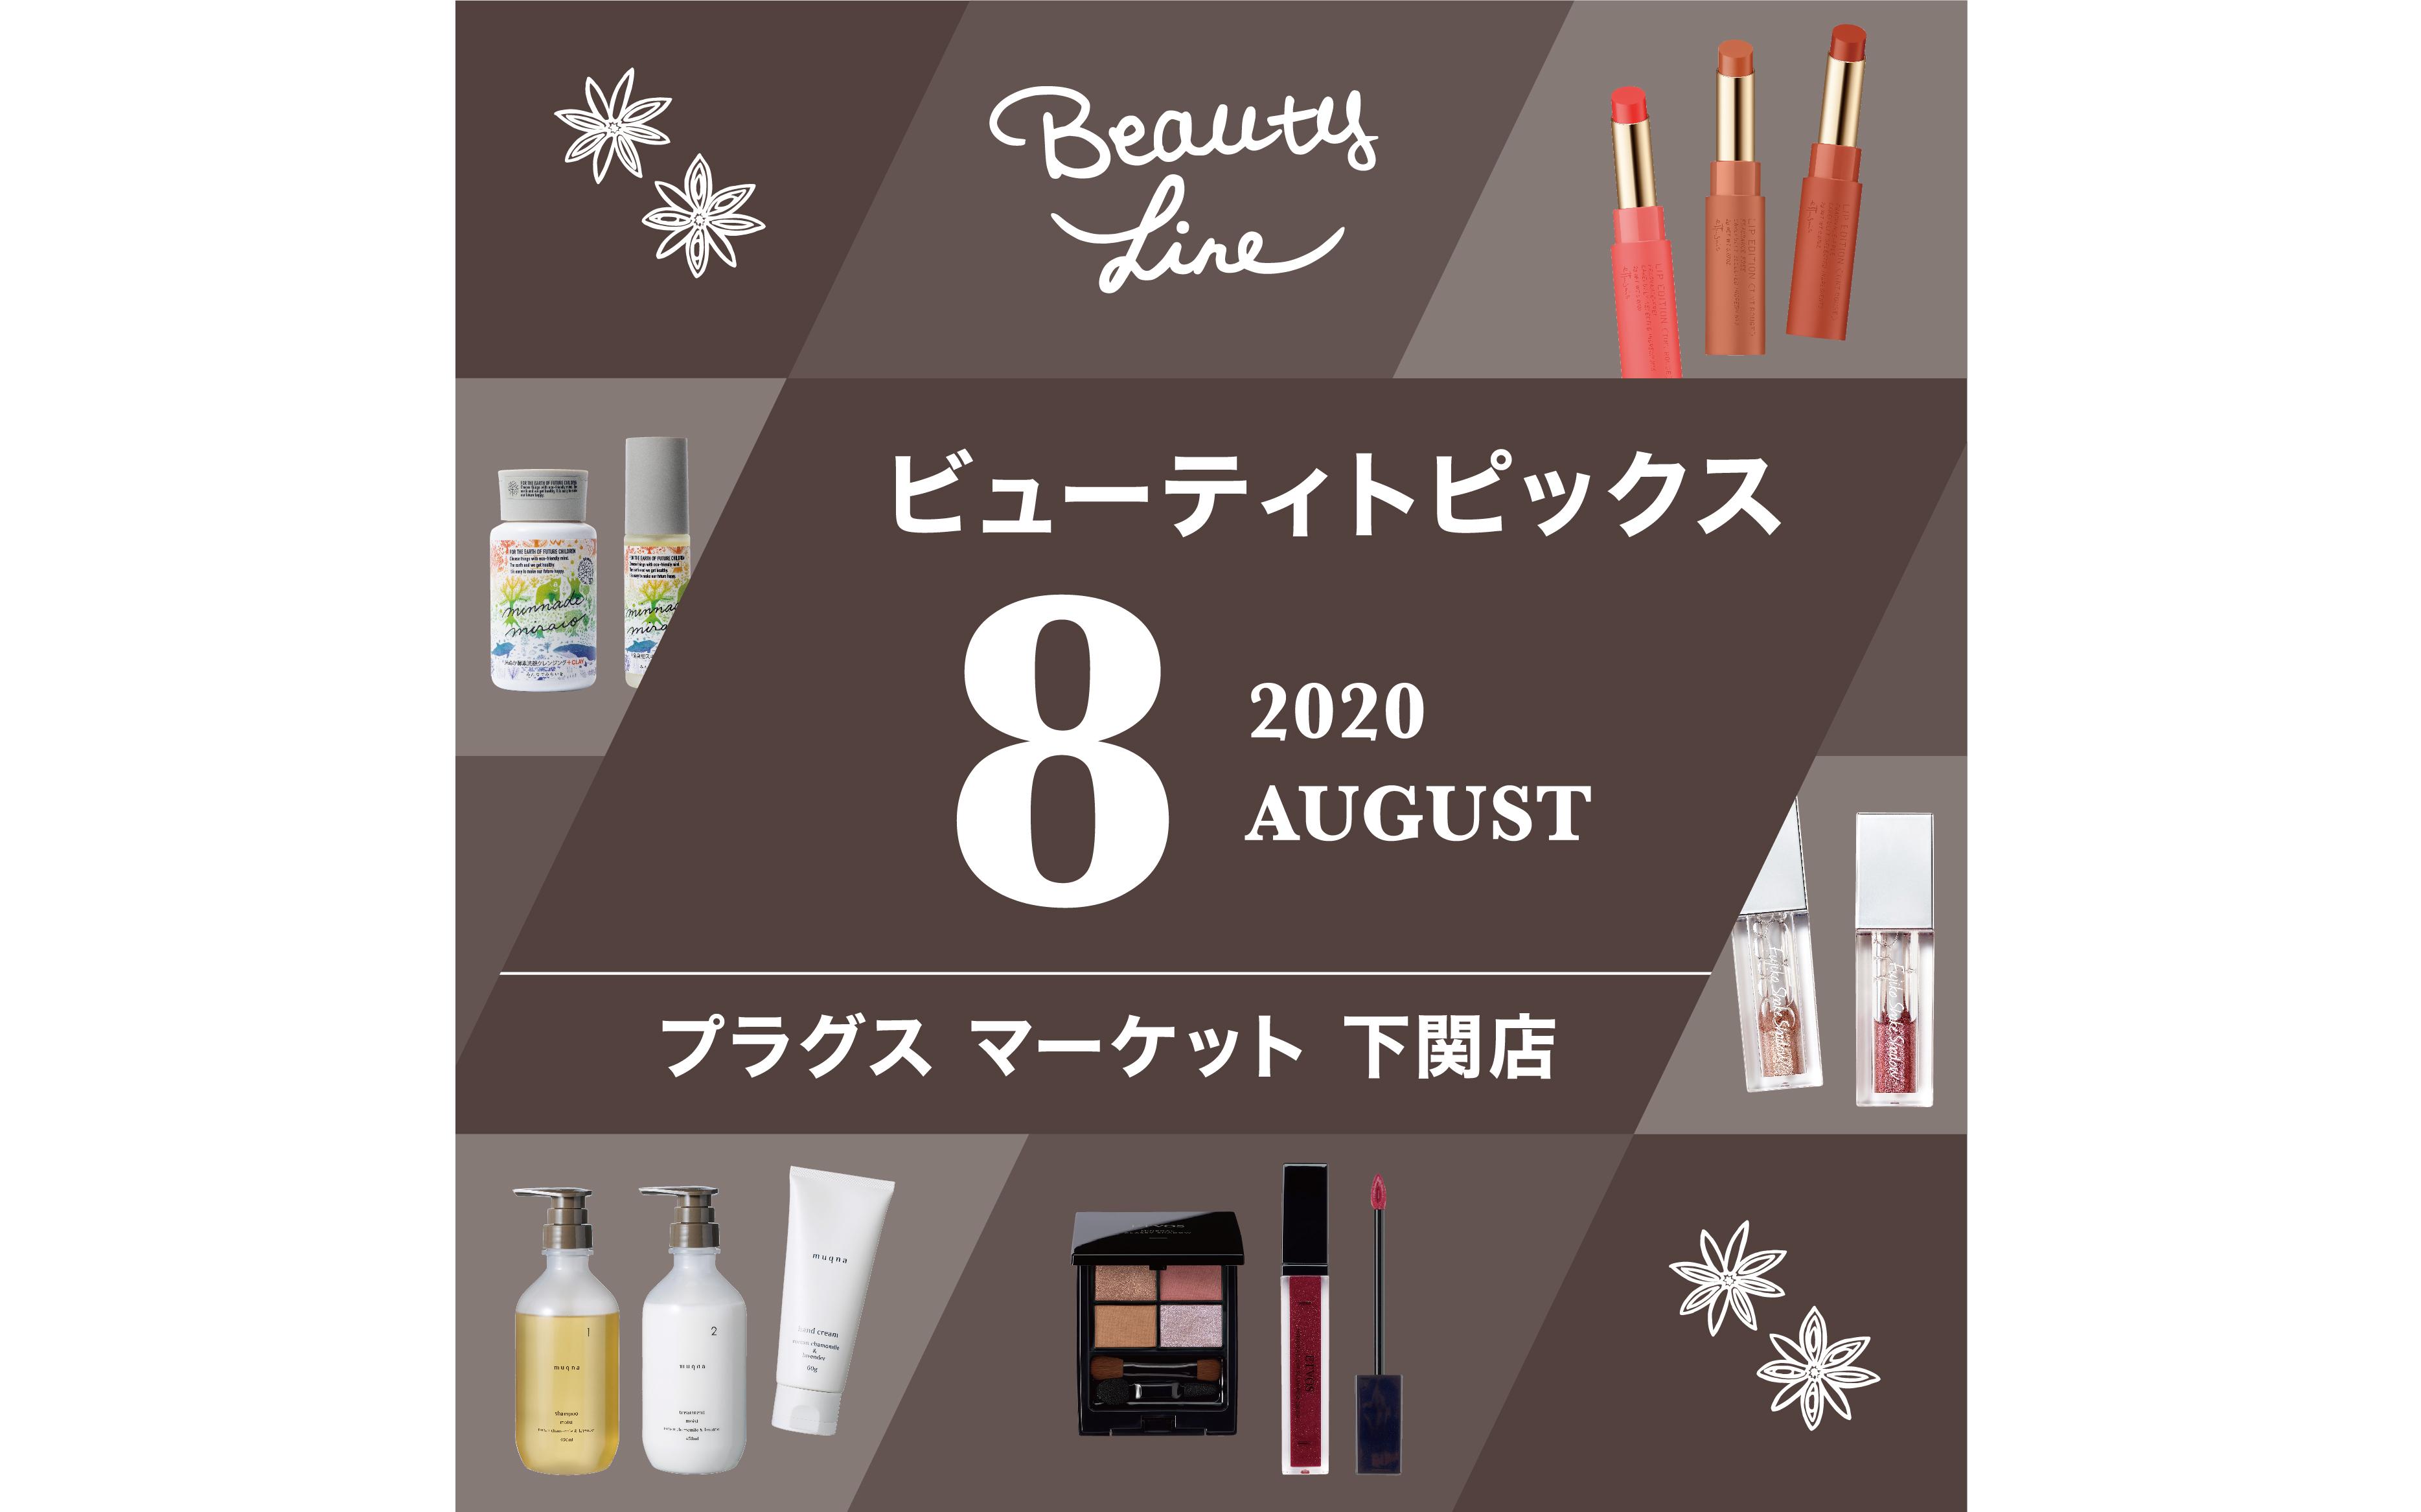 【プラグス マーケット 下関店】8月のビューティトピックス